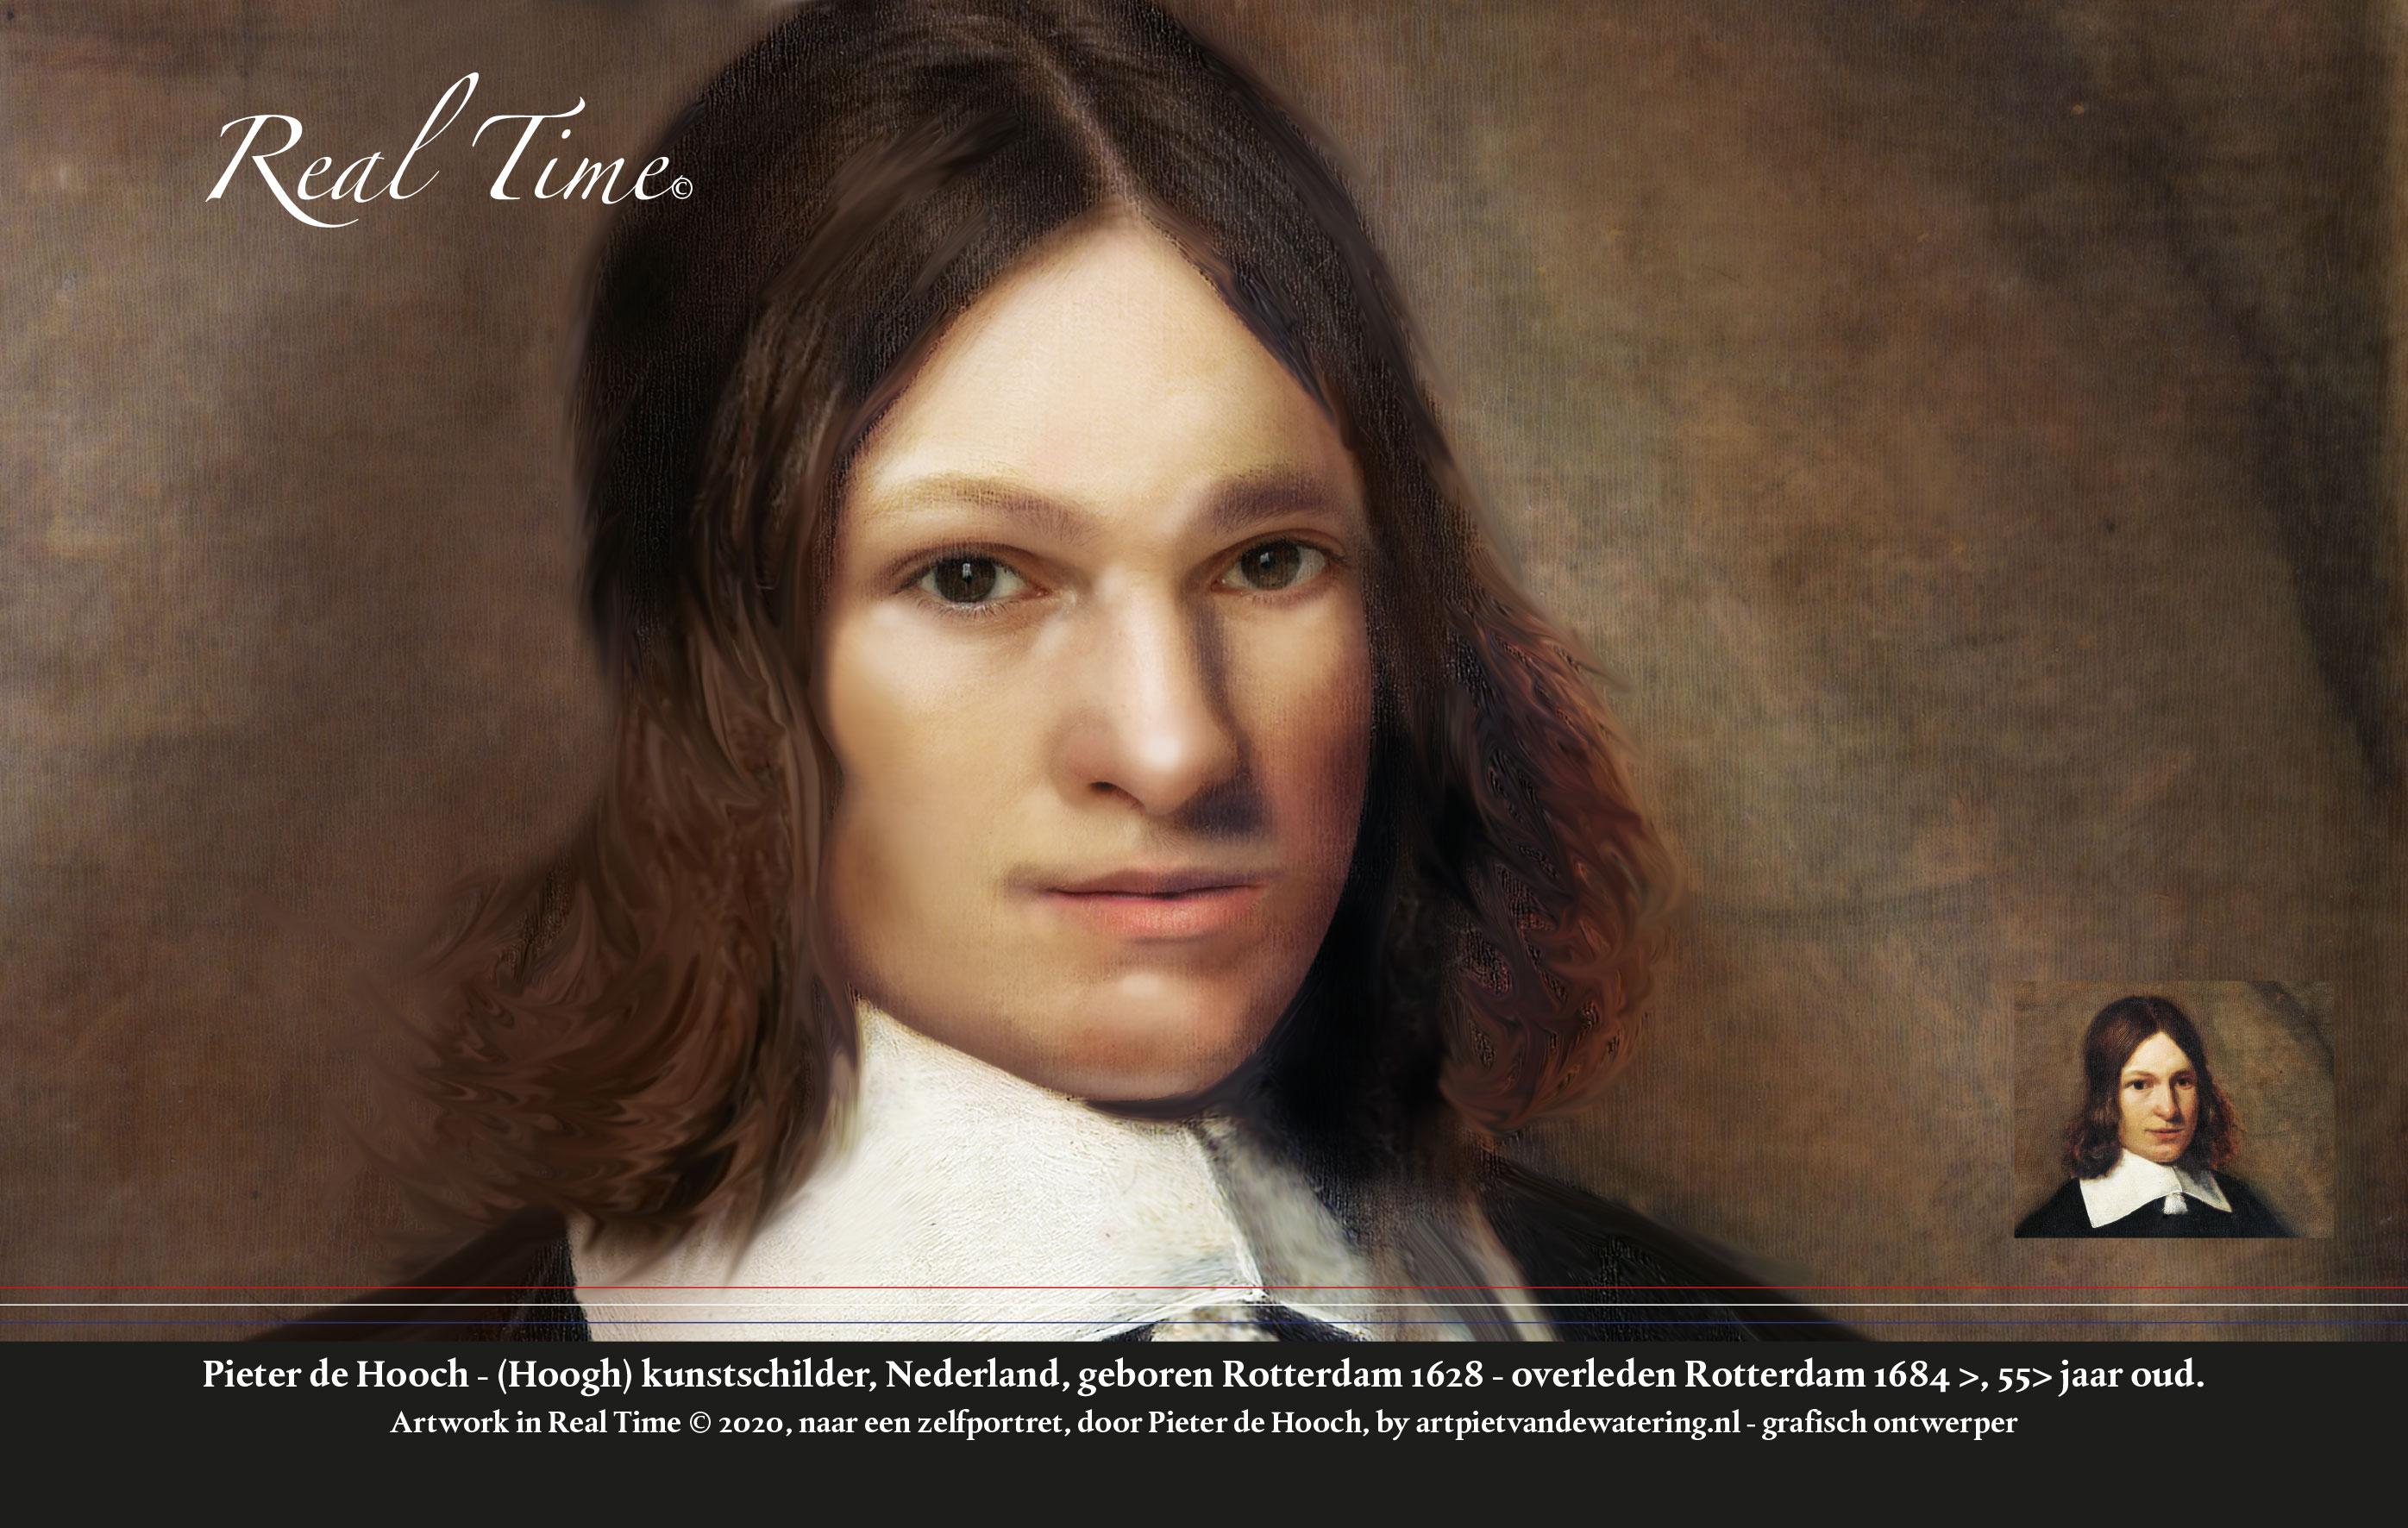 Pieter-de-Hooch-Hoogh-1628-1684